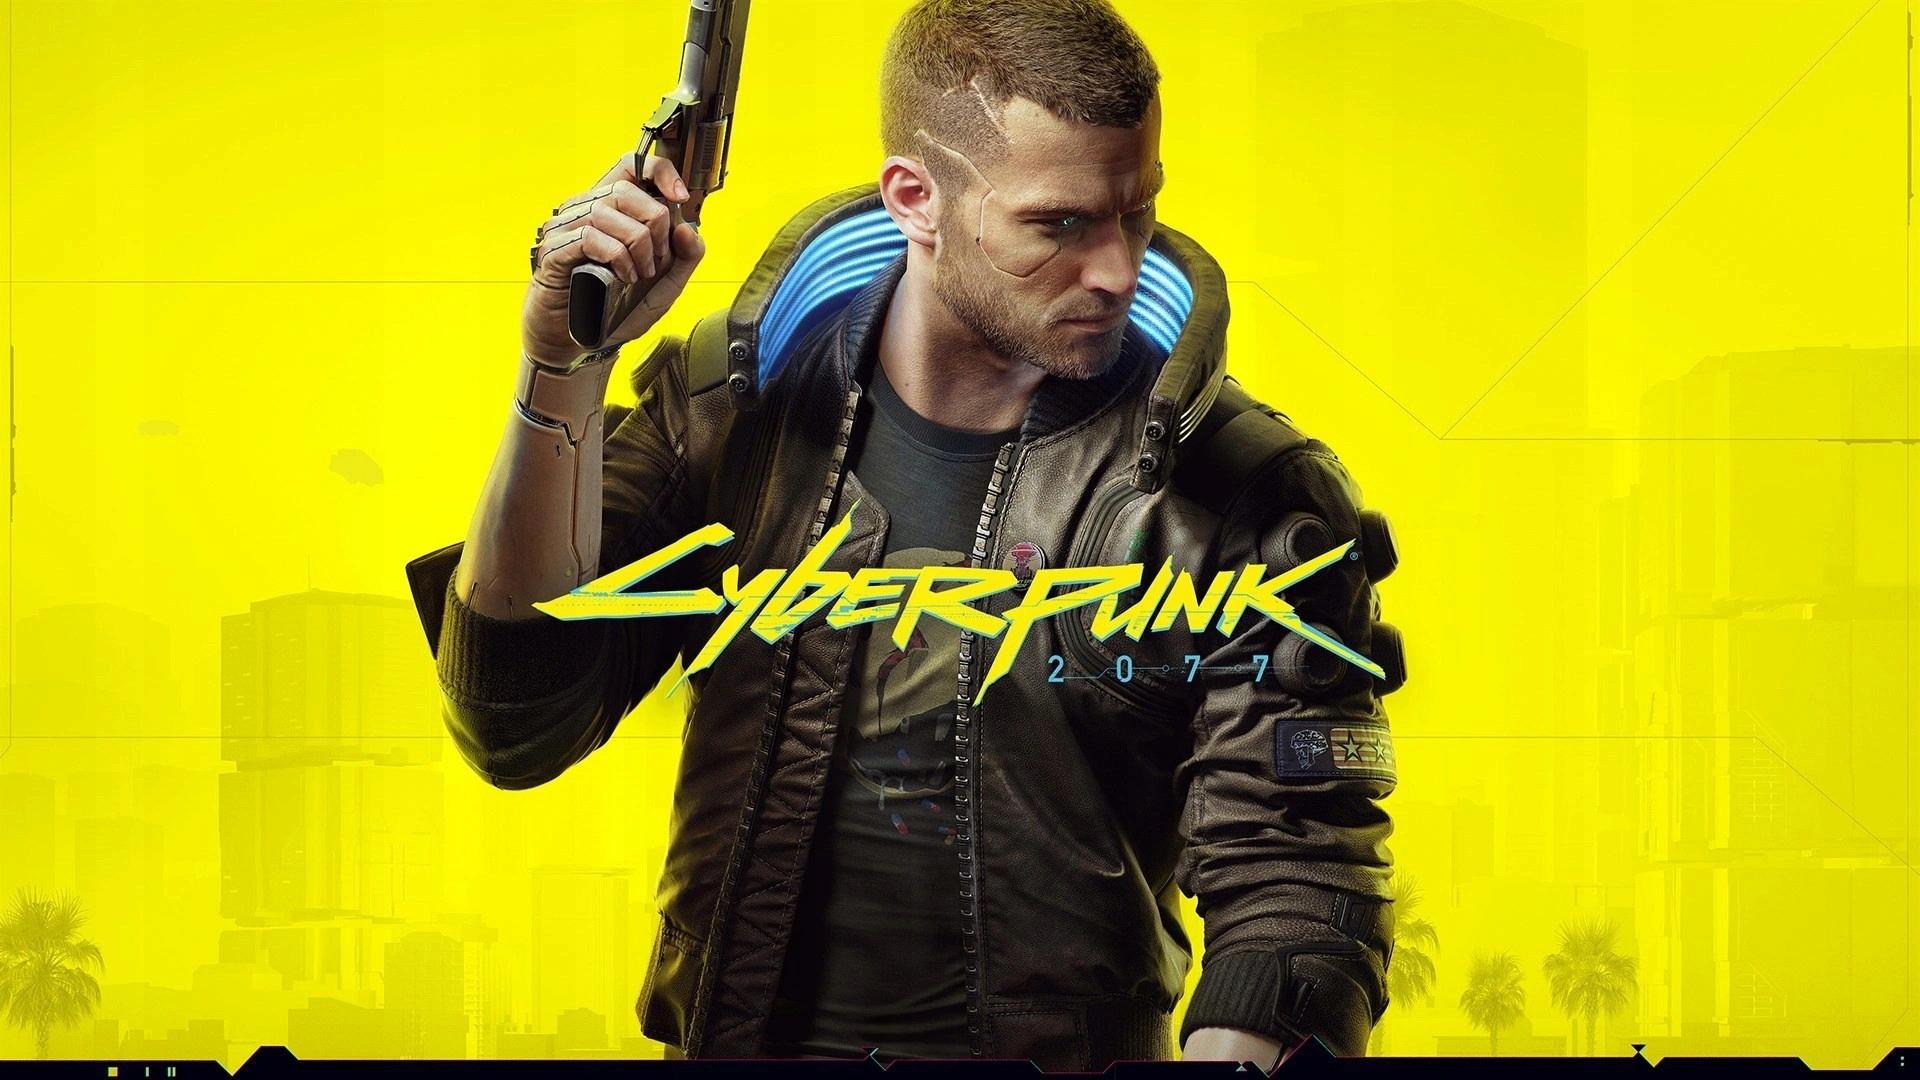 cyberpunk2077 4